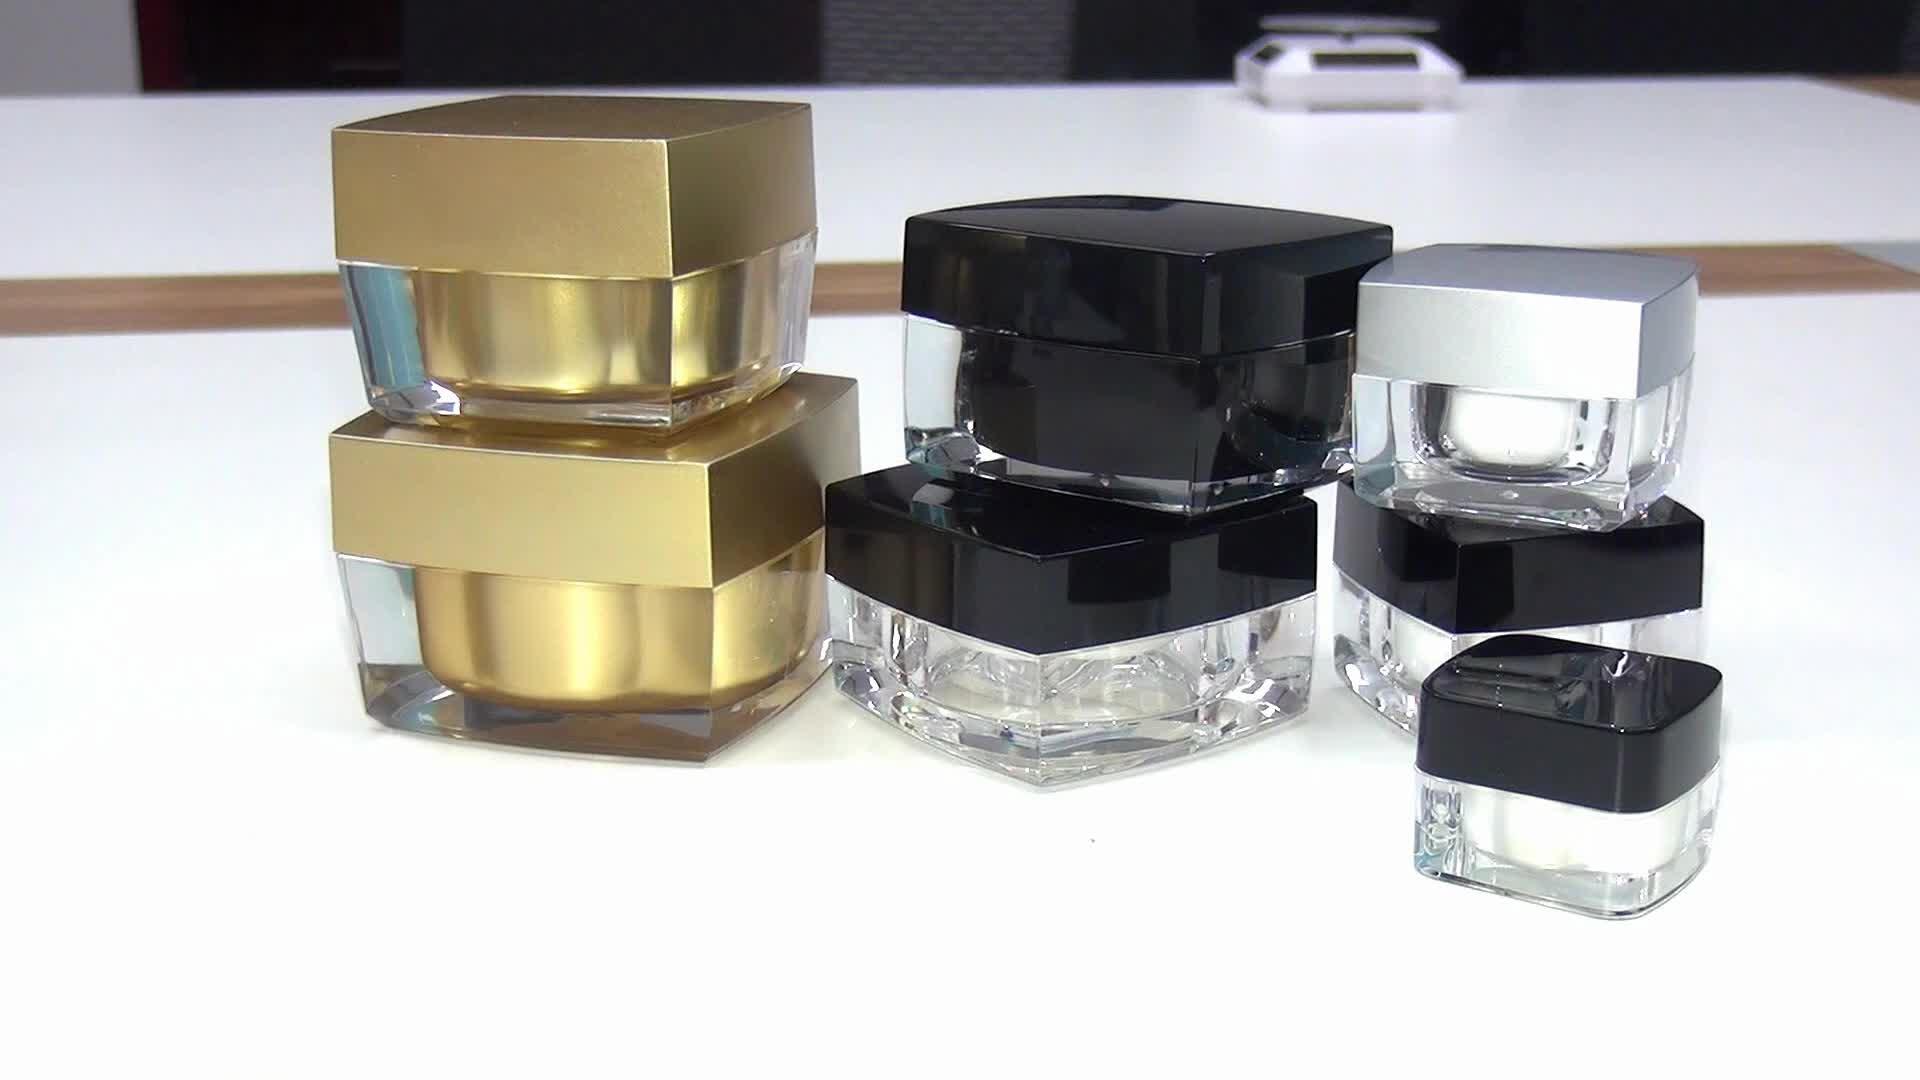 Çin toptan boş yuvarlak kare kozmetik 15 ml 30 ml akrilik krem kavanoz 50 ml